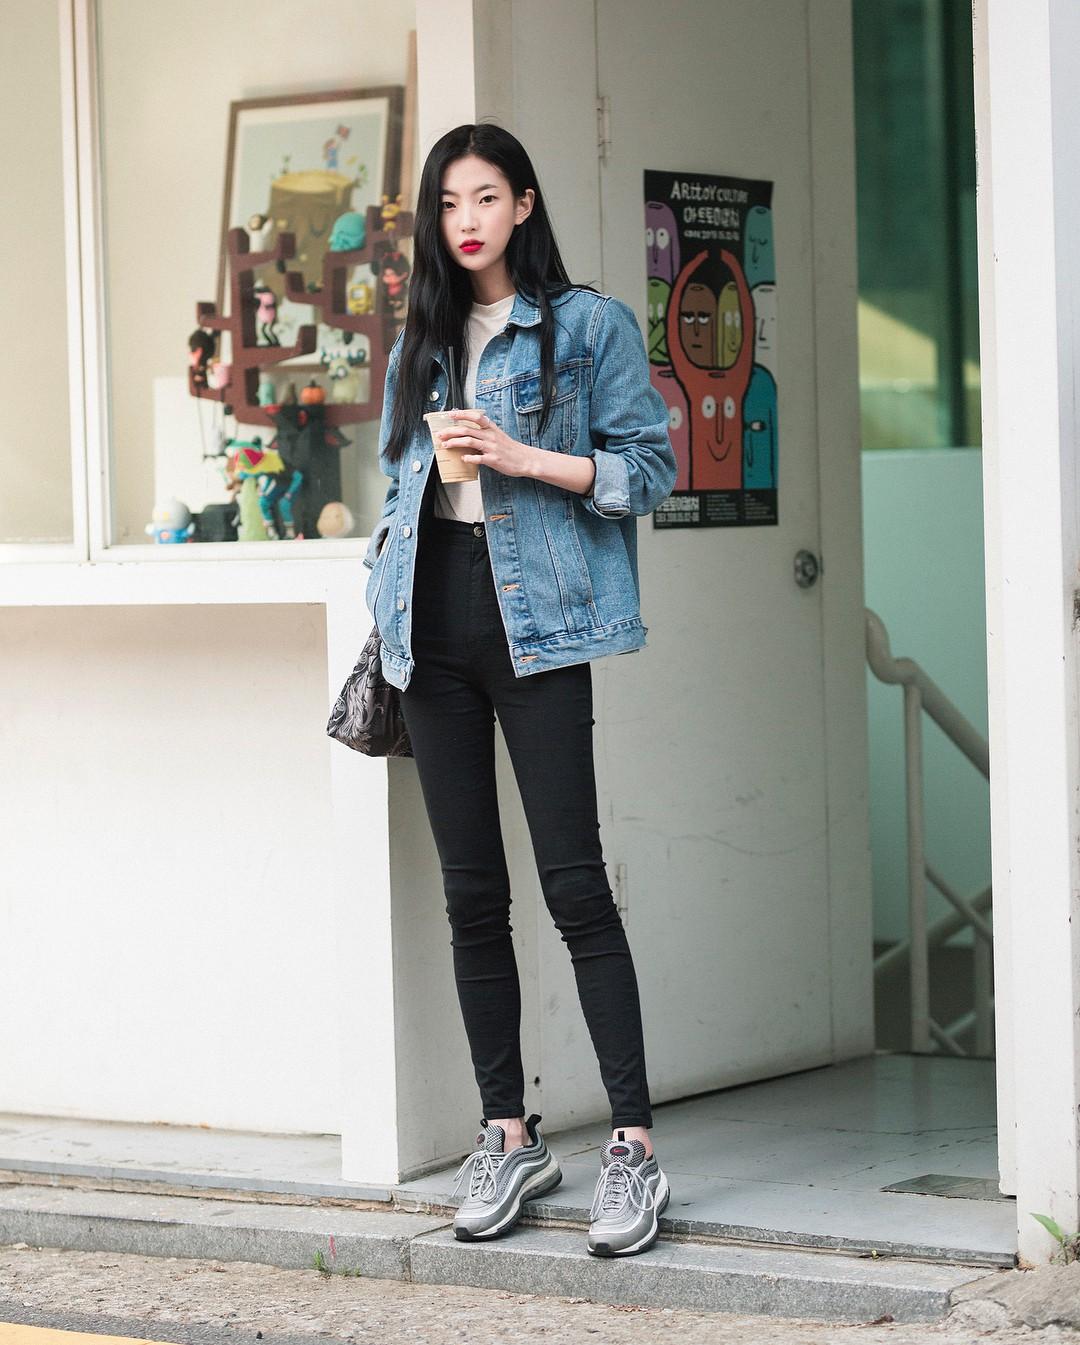 Lại phải ghen tị với khả năng lên đồ đơn giản mà chất như nước cất của giới trẻ Hàn - Ảnh 3.